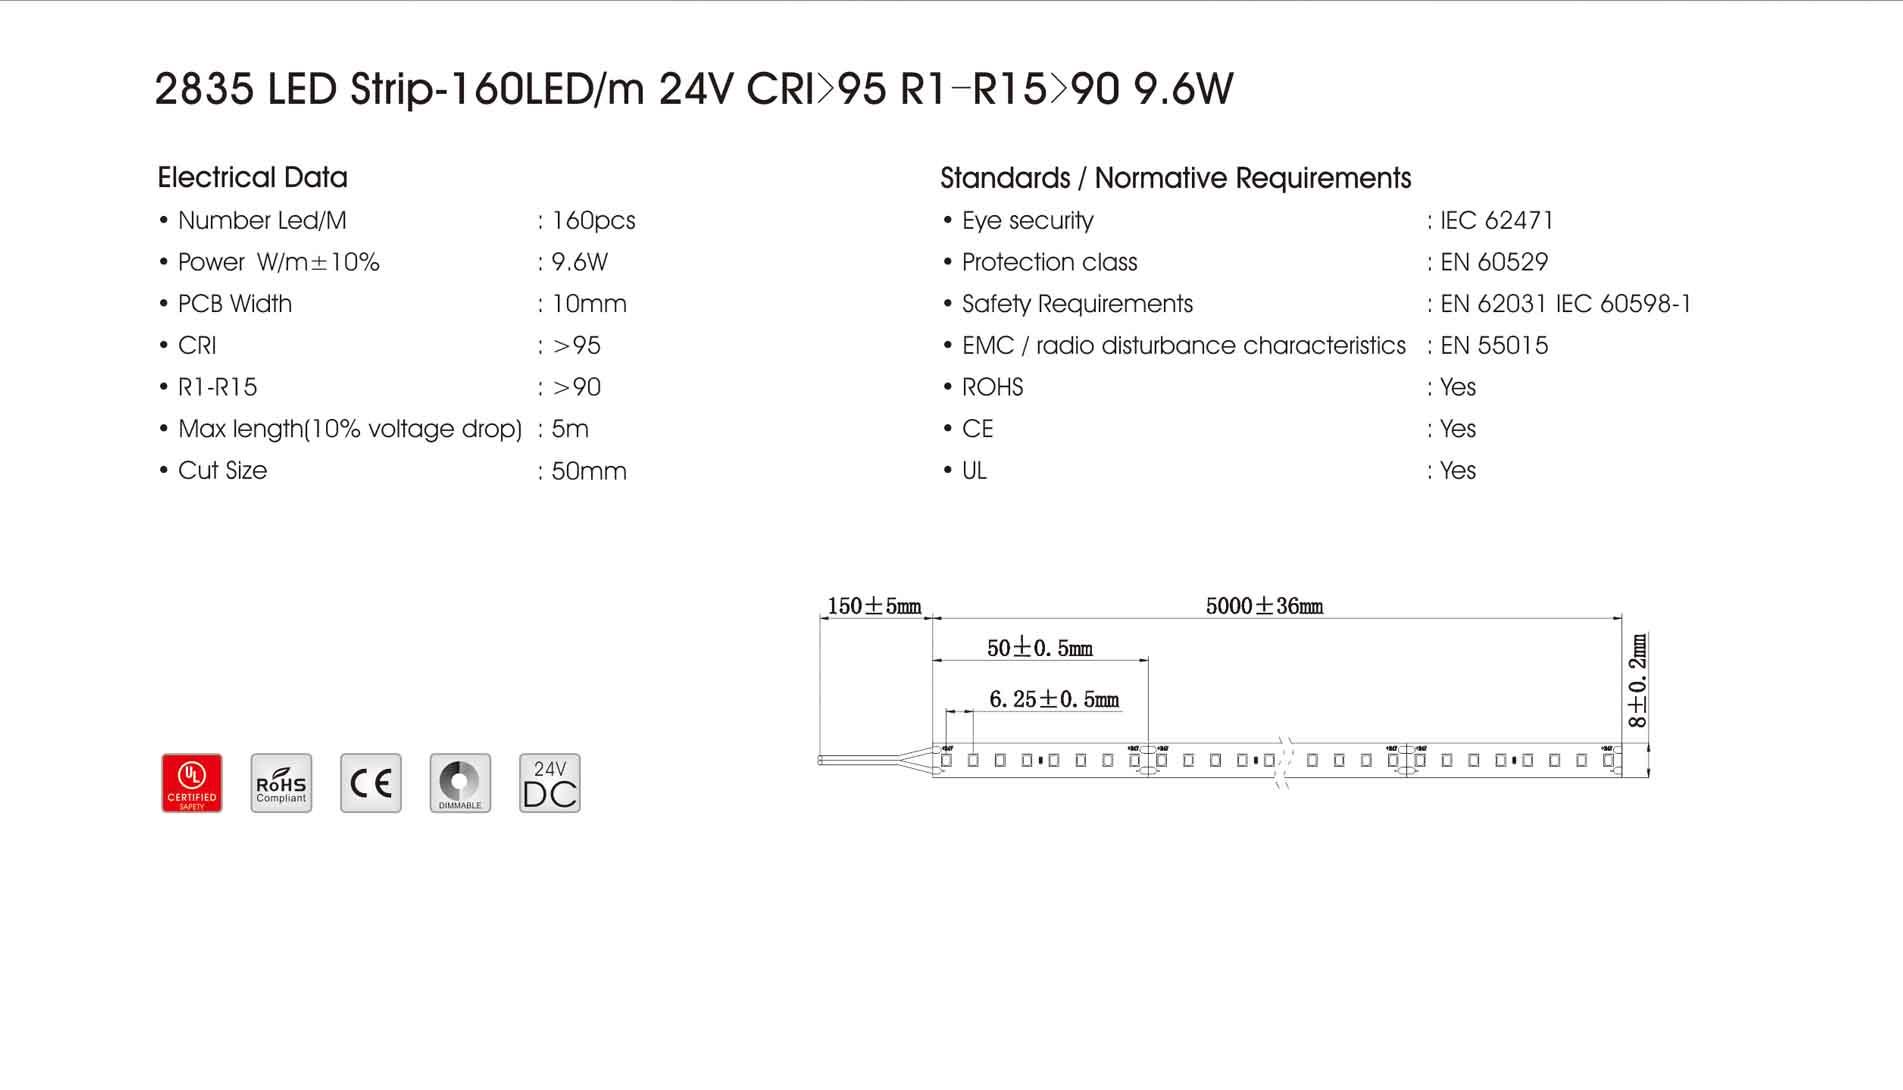 2835 160led/m 24v cri>95 r1-r15>90 9.6w led strip